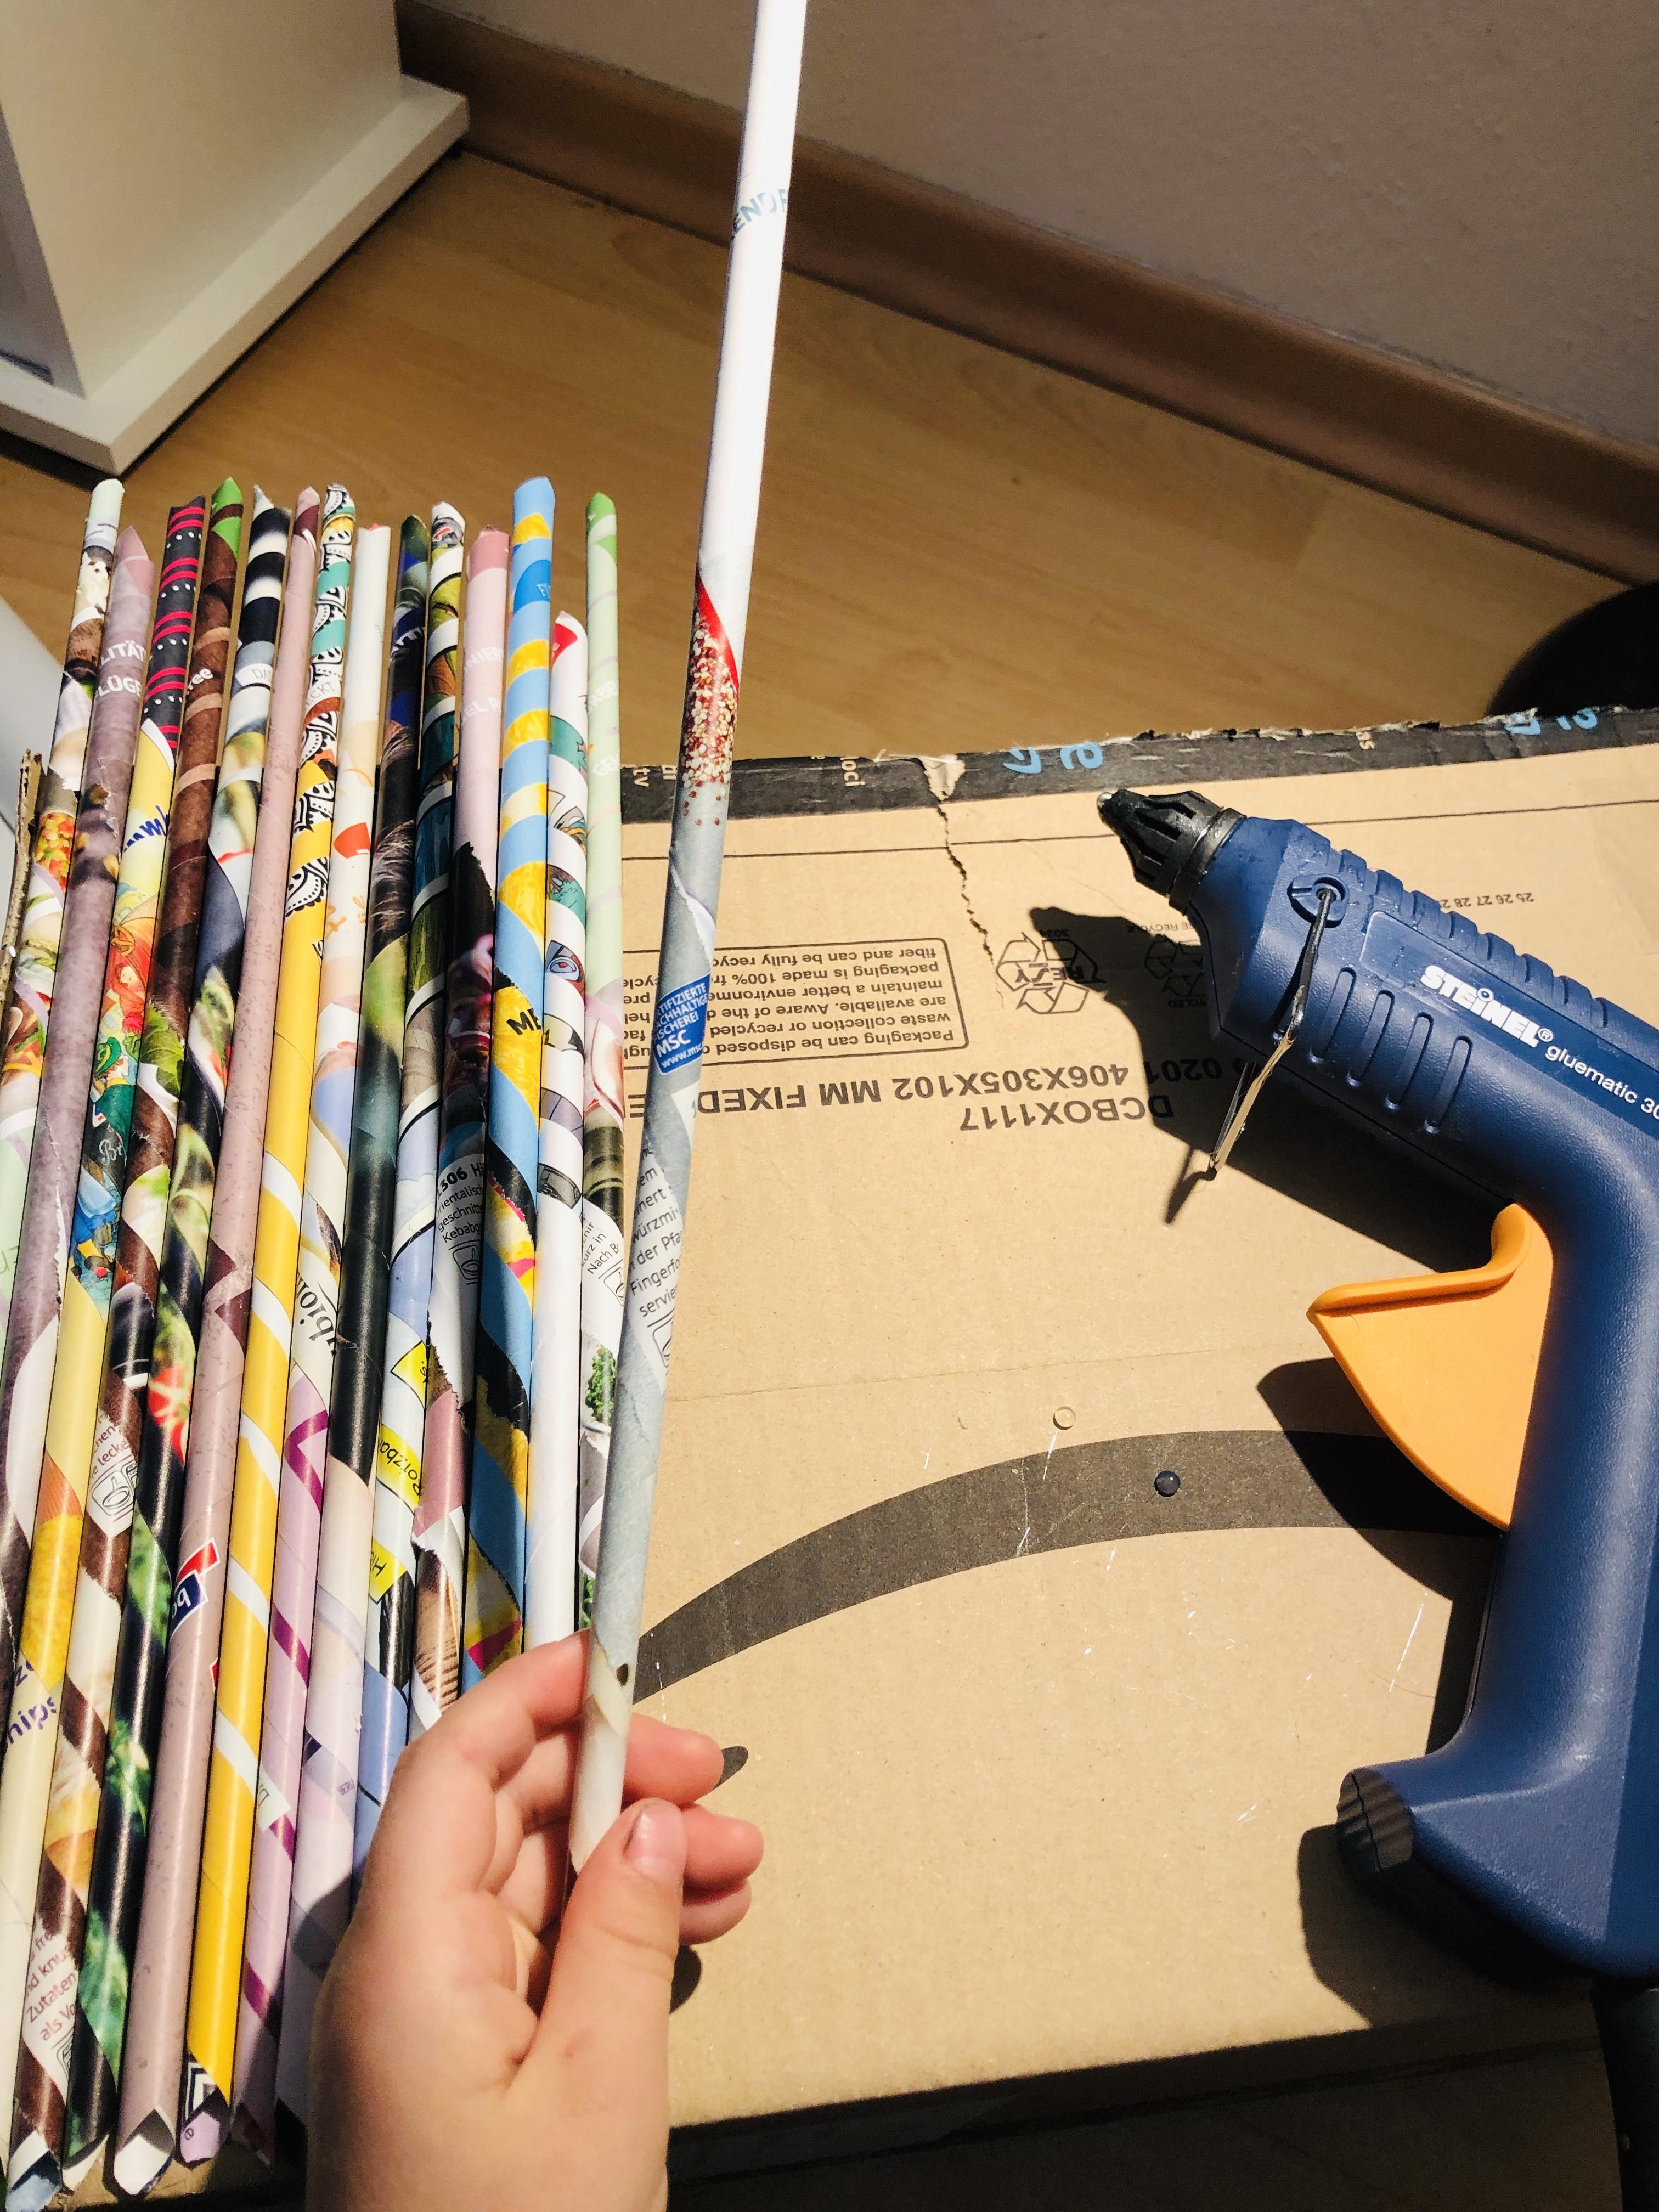 glueing paper rolls on a cardboard box